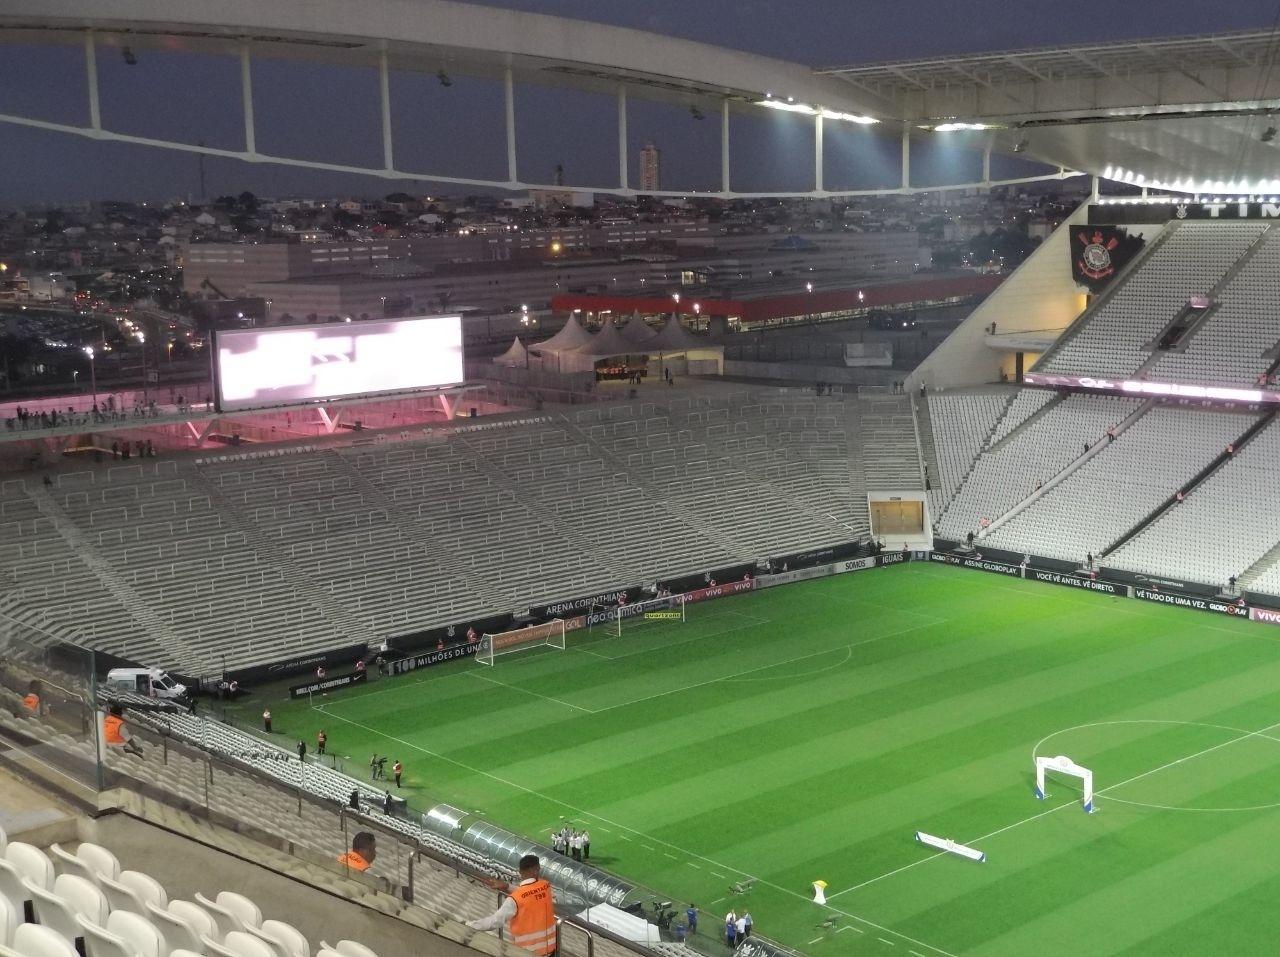 Iluminação da Arena Corinthians acaba de ser acesa